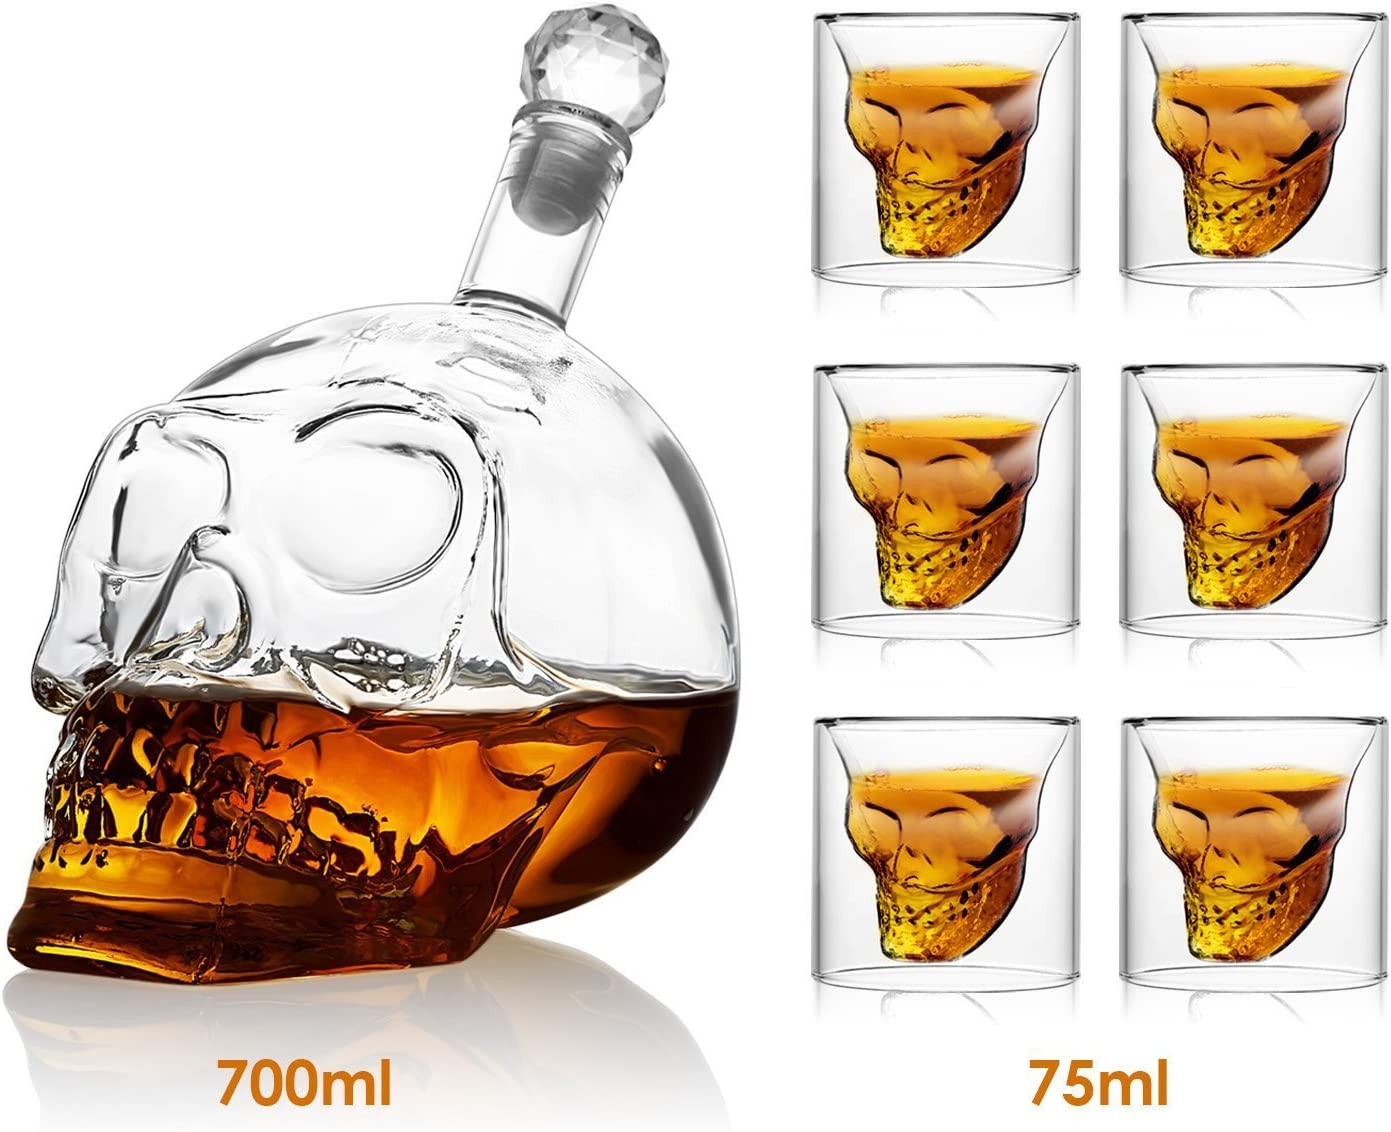 Amzdeal Cráneo de Cristal Calavera Botella - 700ml Botella de Vino y 6x75ml Vaso de Whisky, Transparentey Gran Permeabilidad a la Luz y Capilidad Moderado